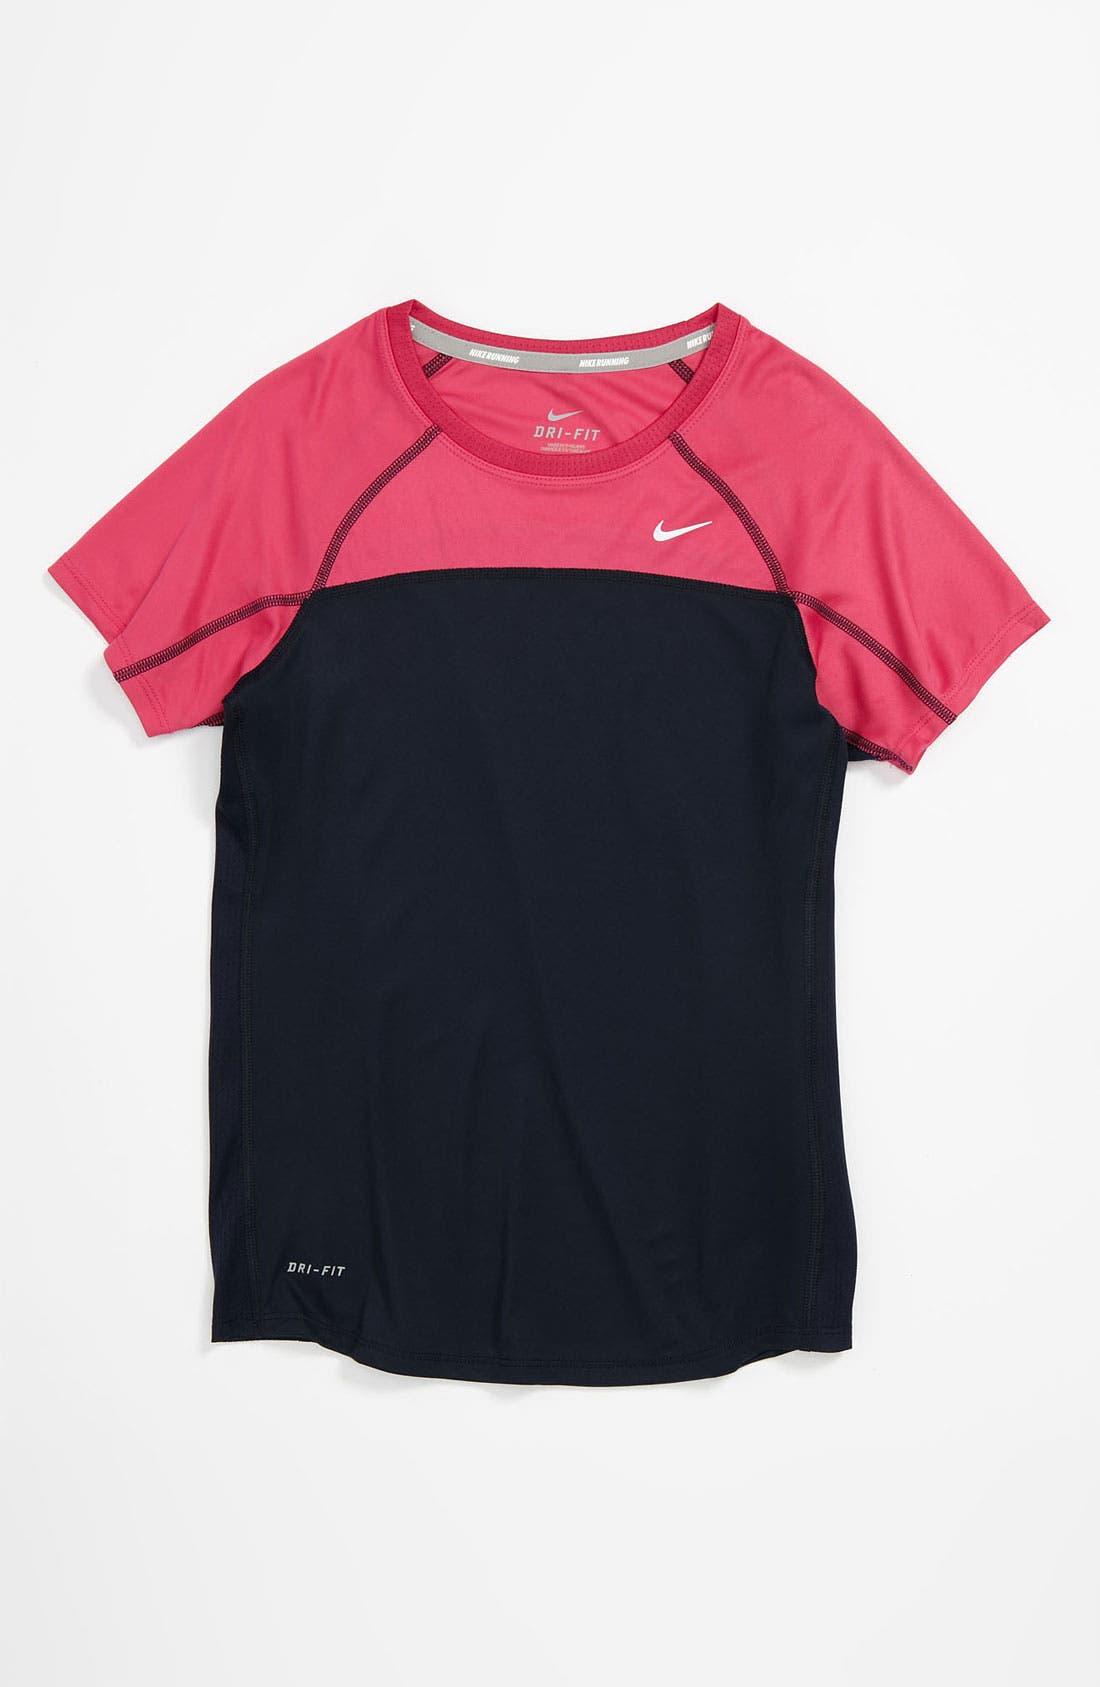 Alternate Image 1 Selected - Nike 'Miler' Top (Big Girls)